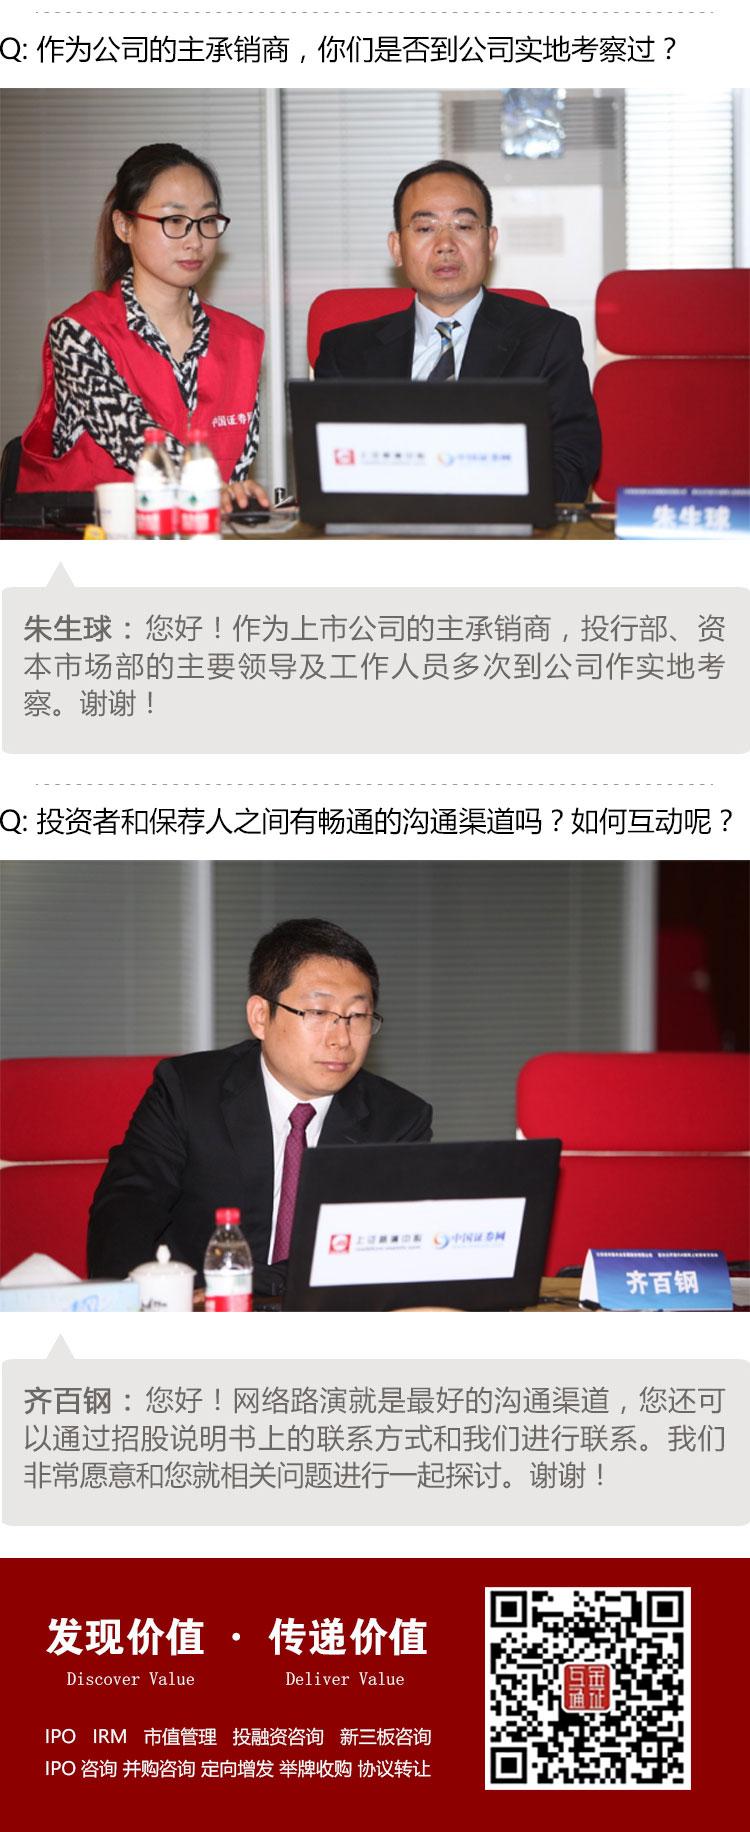 苏垦农发路演_10.jpg